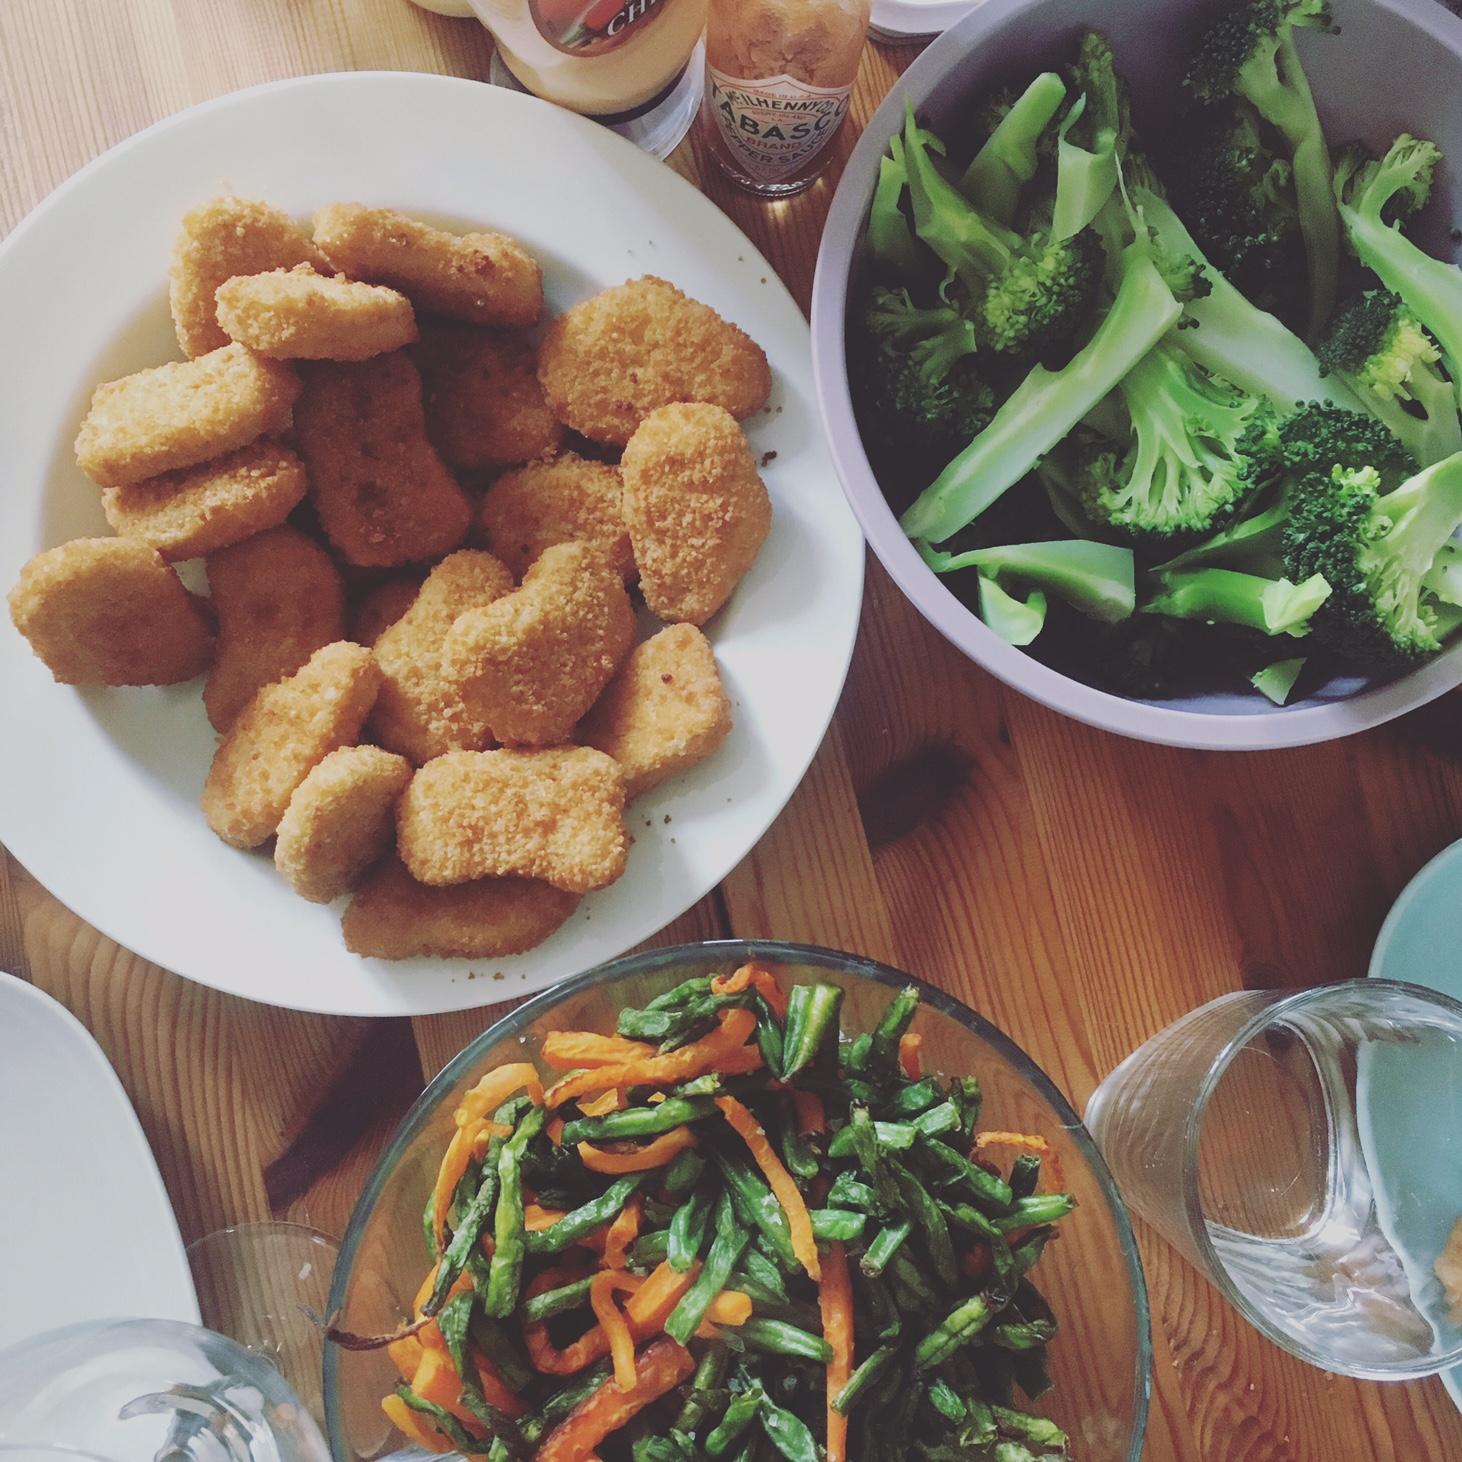 Et bud på hurtig mad kunne være quornnuggets, dampet broccoli og bagte gulerødder og bønner, som vi fik i går. Med chilimayo. Perfekt søndagsmad!